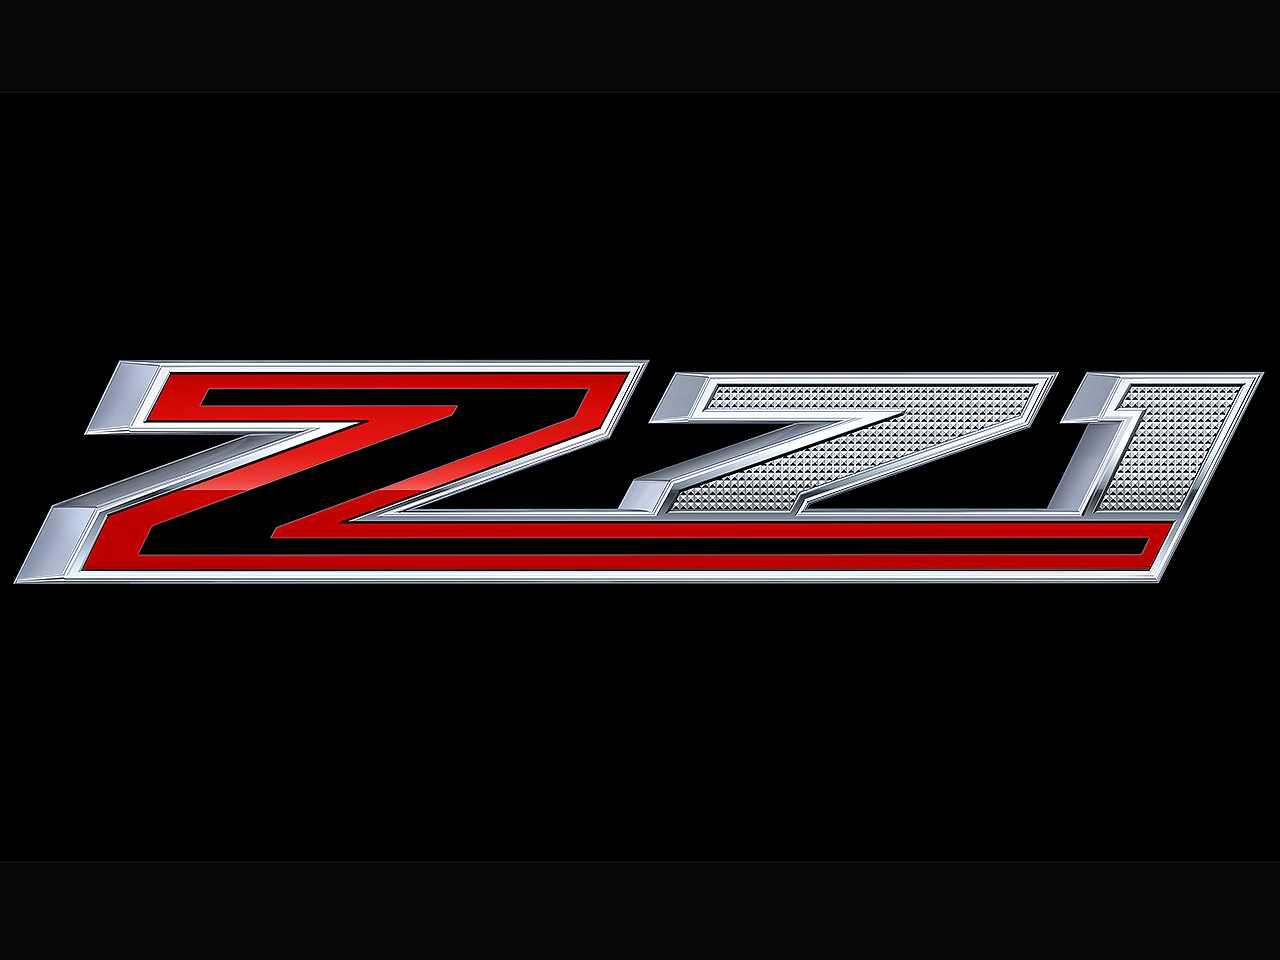 Detalhe do logotipo Z71 que vai figurar na nova versão da Chevrolet S10 no Brasil